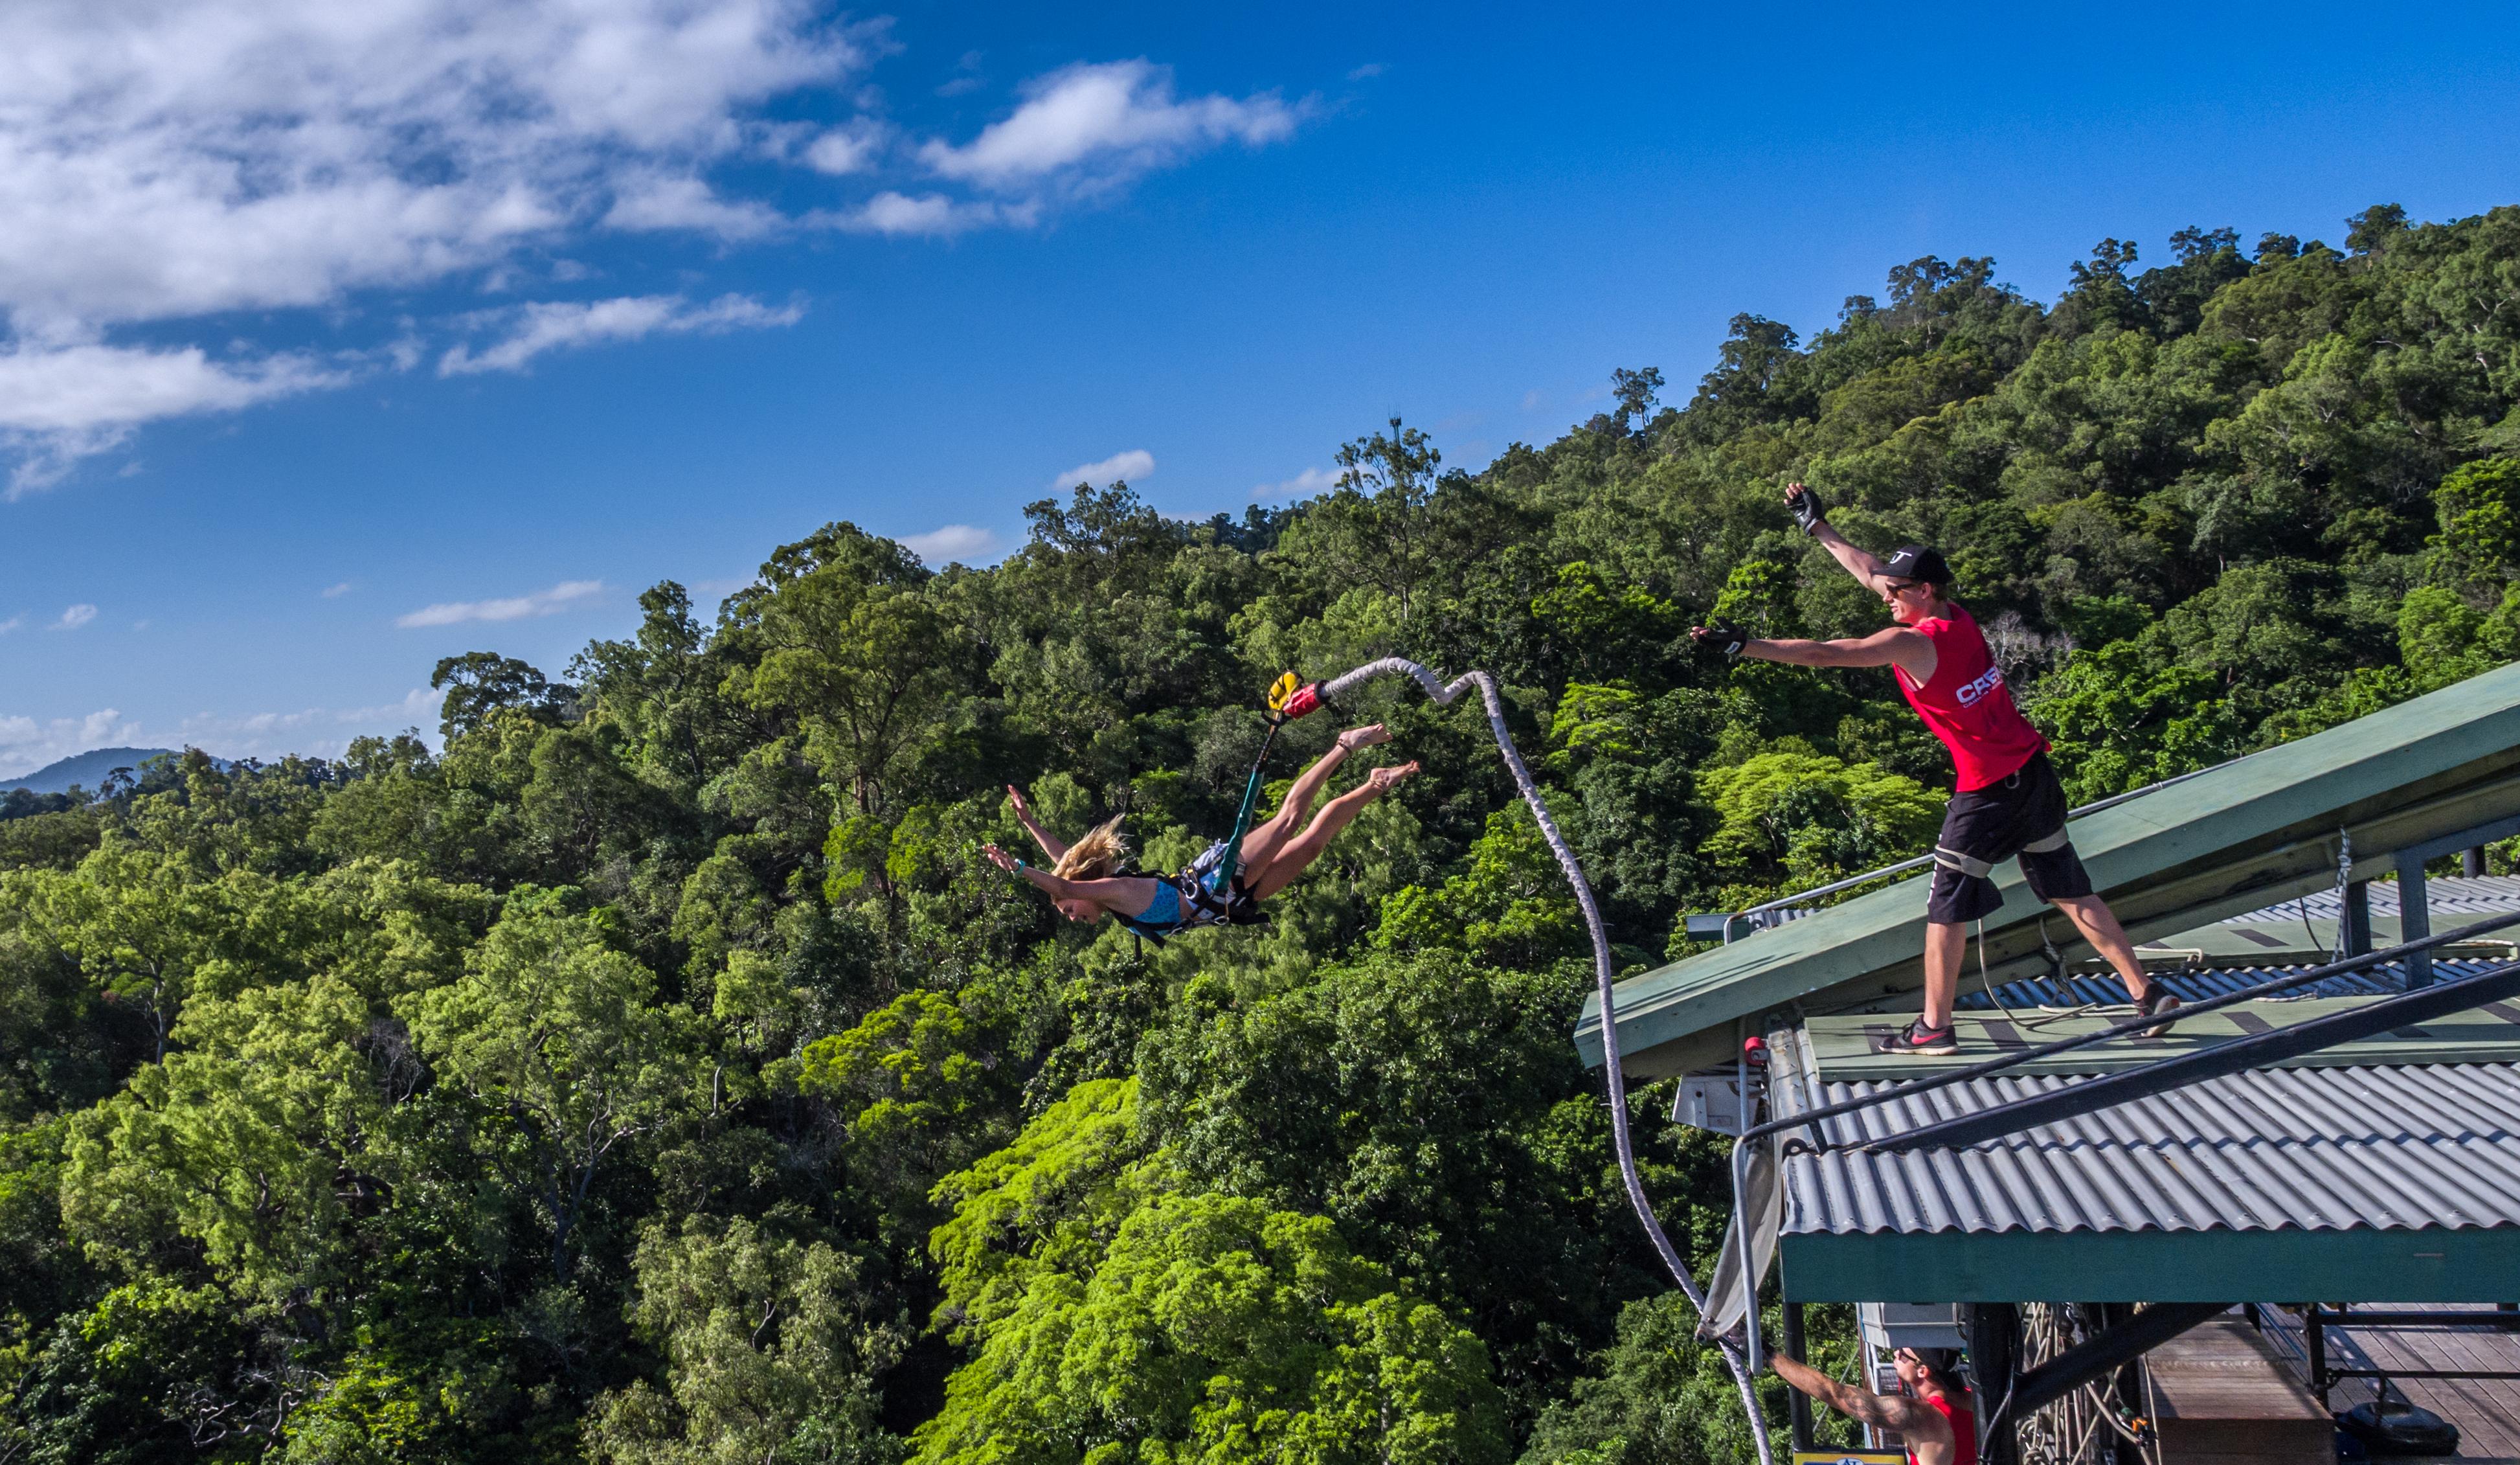 Skypark Cairns